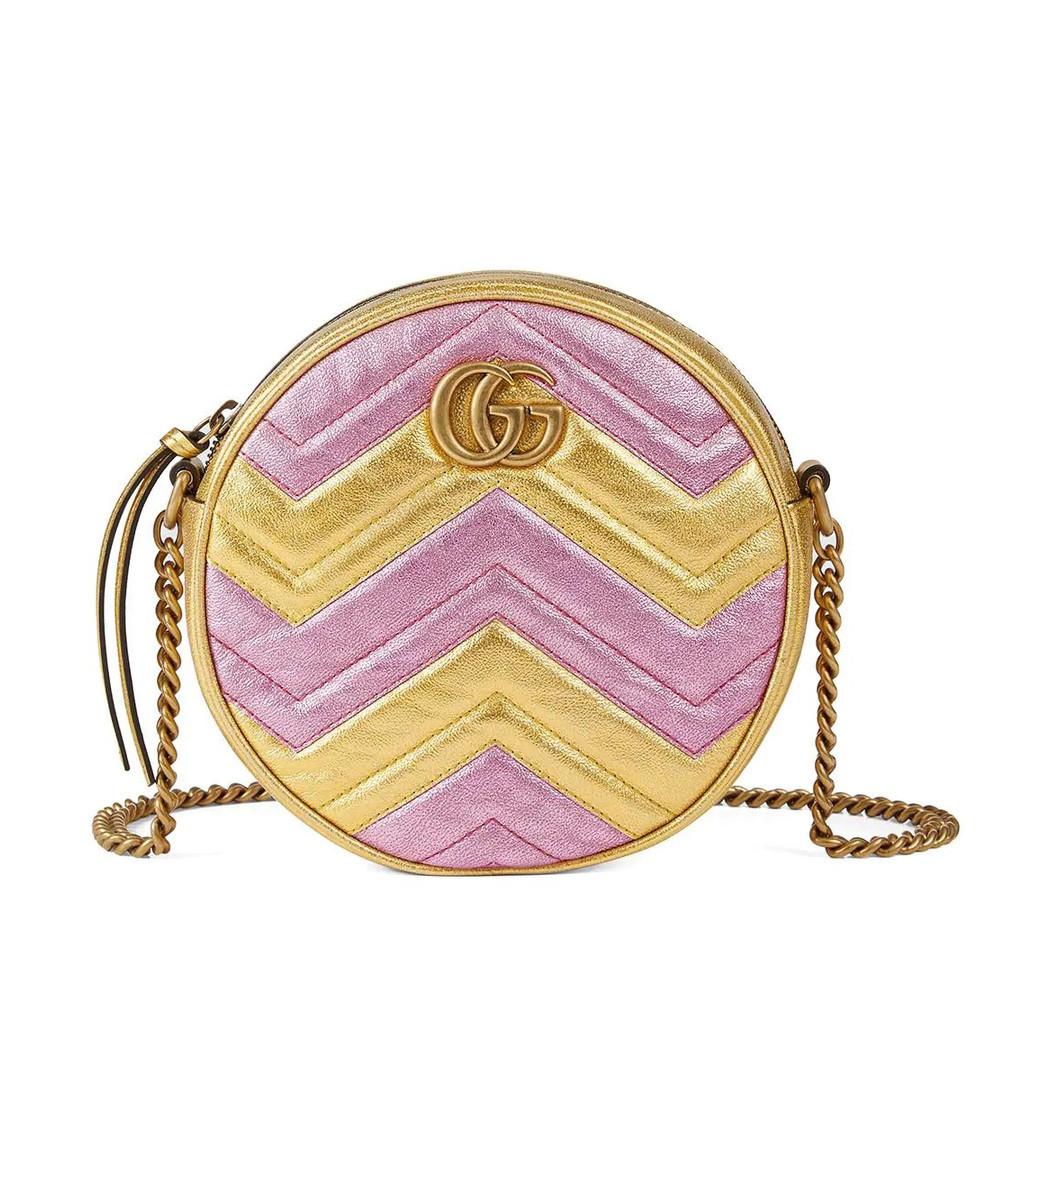 732214ecb4e5d8 Gucci Marmont 2.0 Mini Leather Circle Crossbody Bag - Metallic In Pink/Gold  Metallic Leather